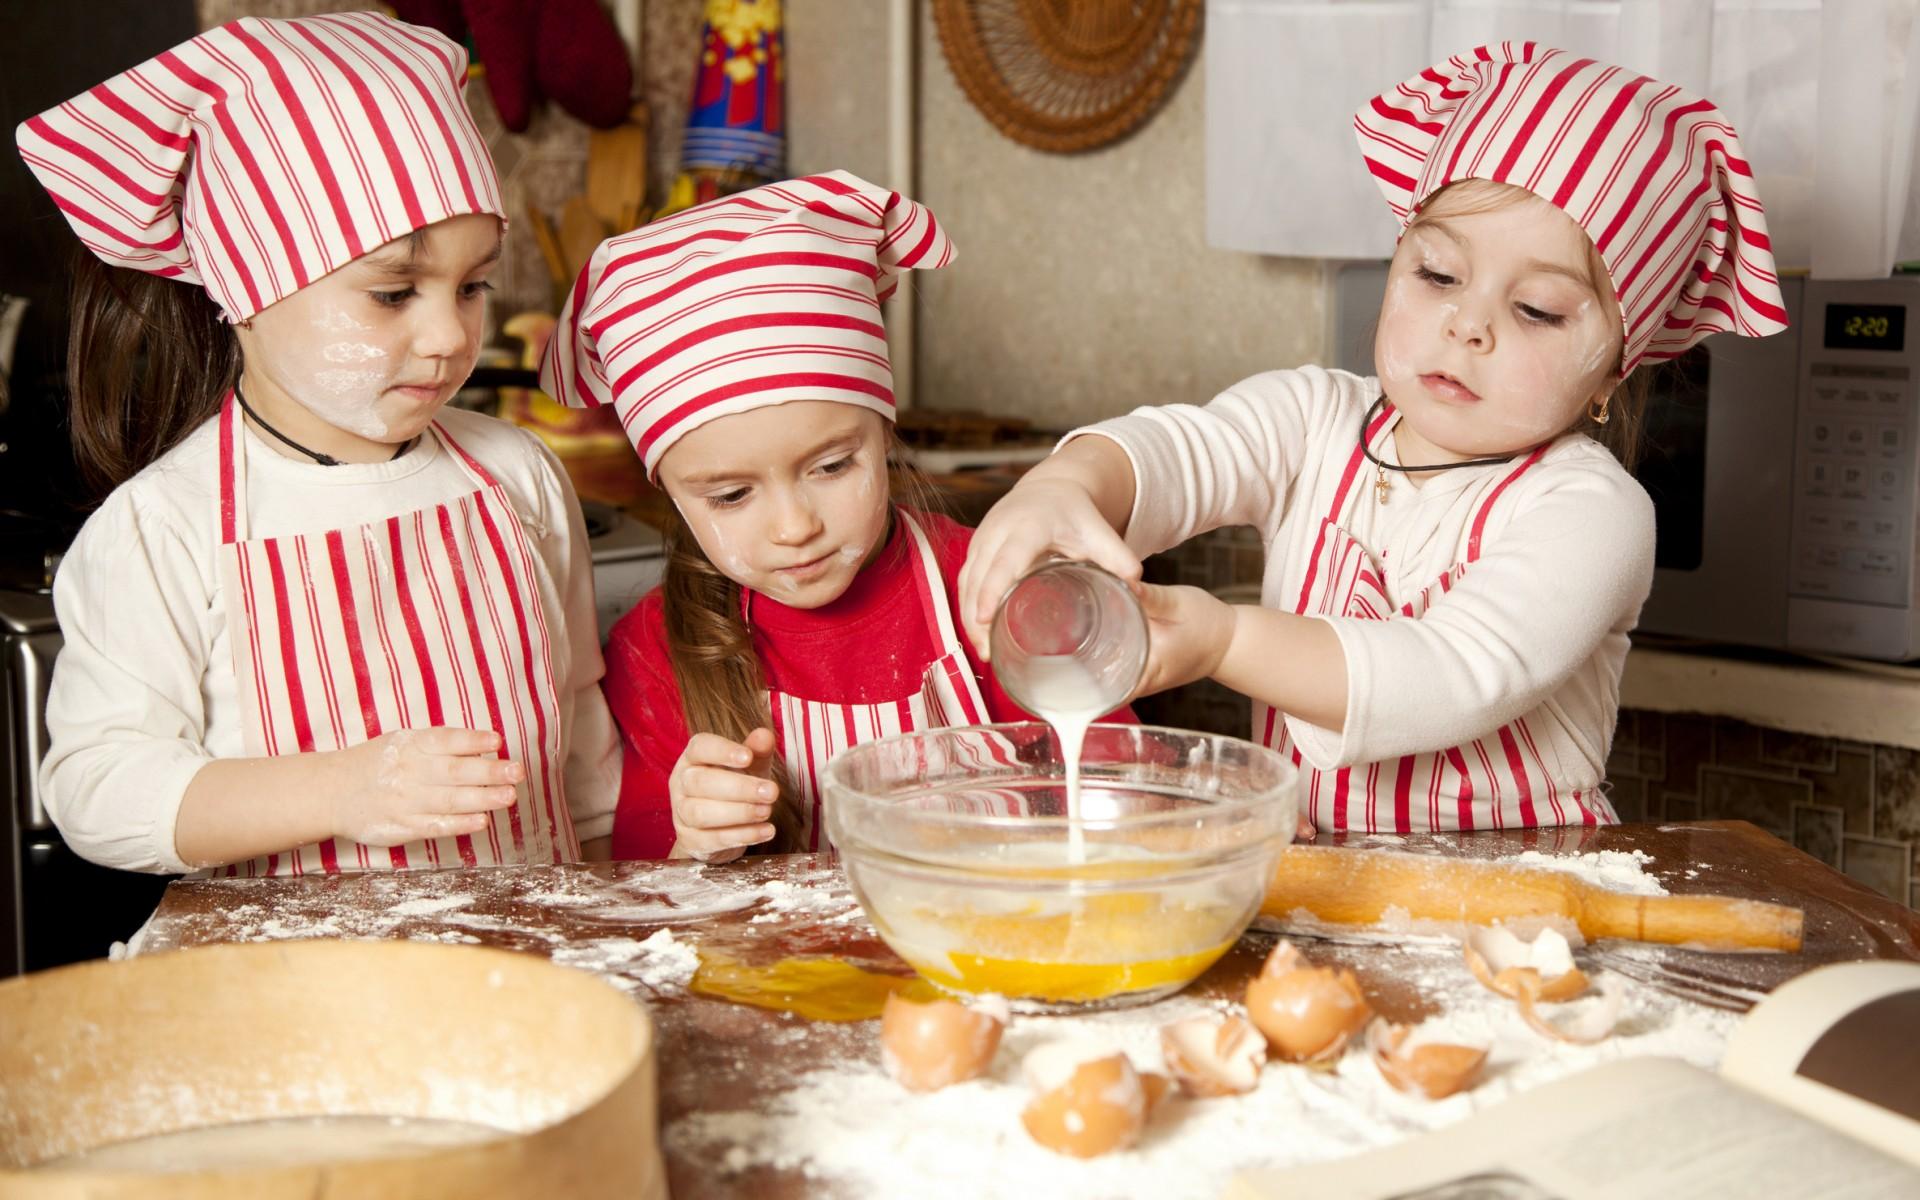 Libri Di Cucina Per Bambini Foto Di Corrierecucina It Pictures To Pin  #BE900D 1920 1200 Immagini Di Cucine Open Space